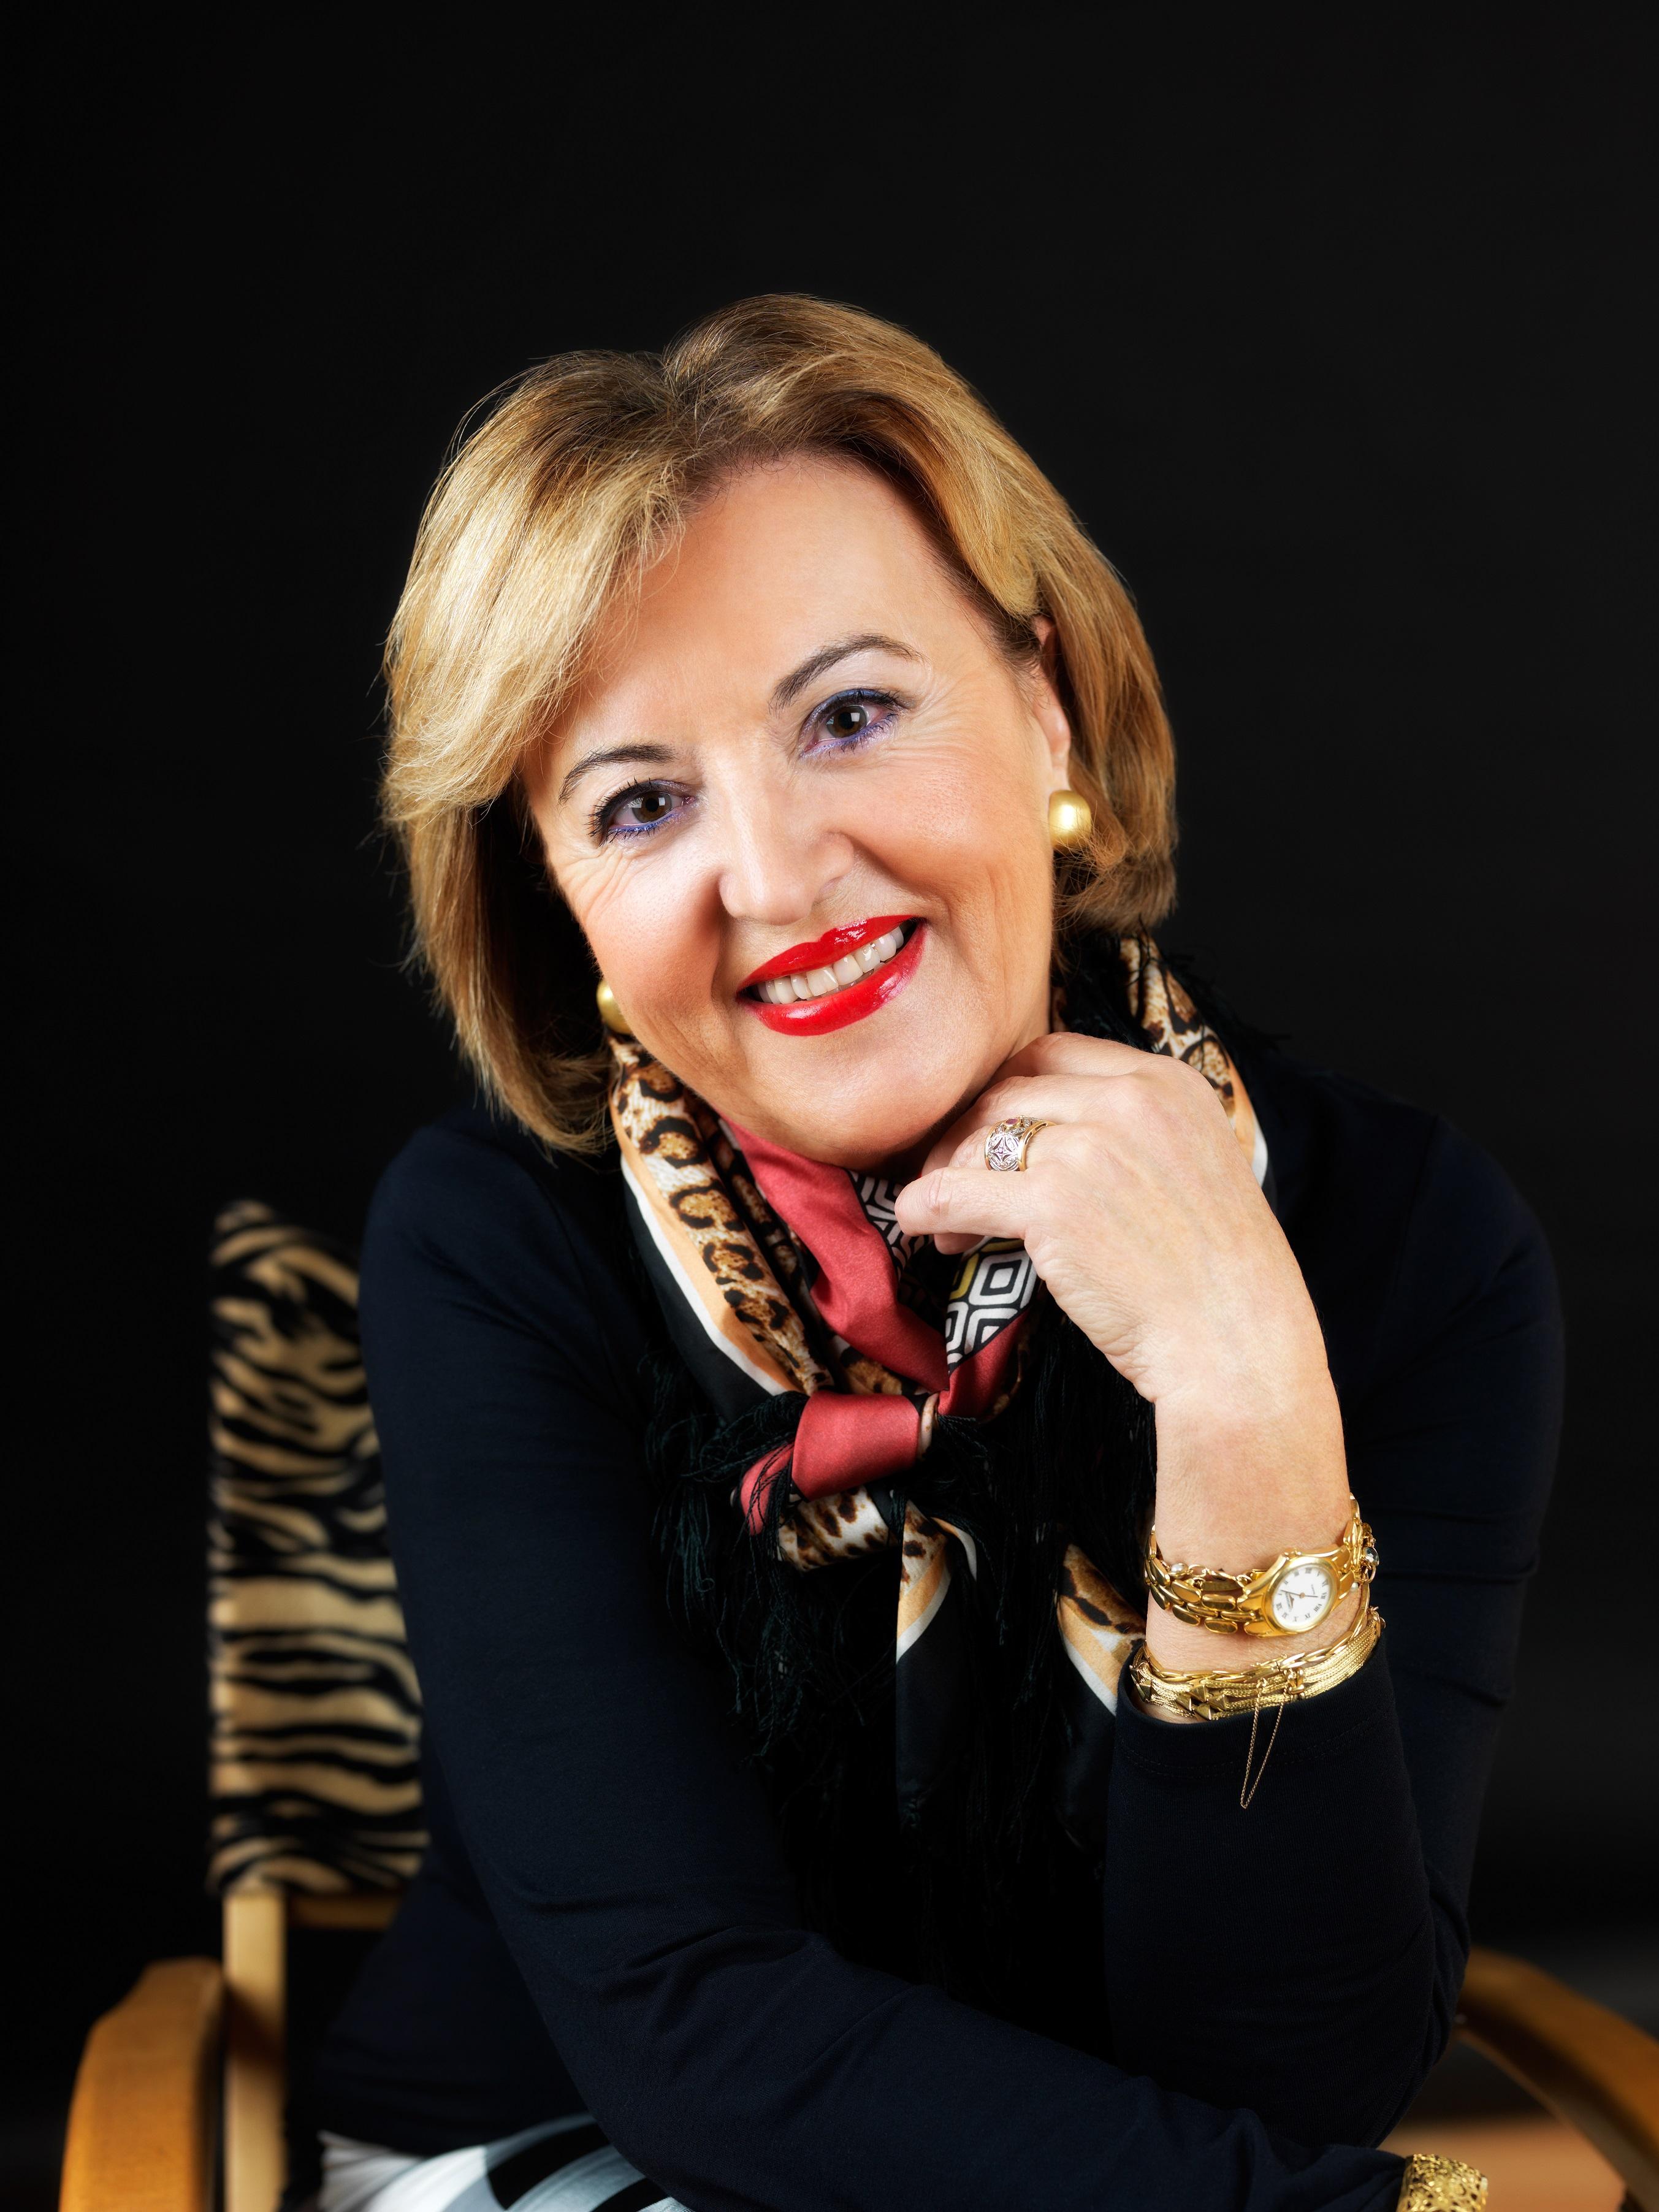 Marisol Morente, Medalla de Oro del Foro Europa 2001